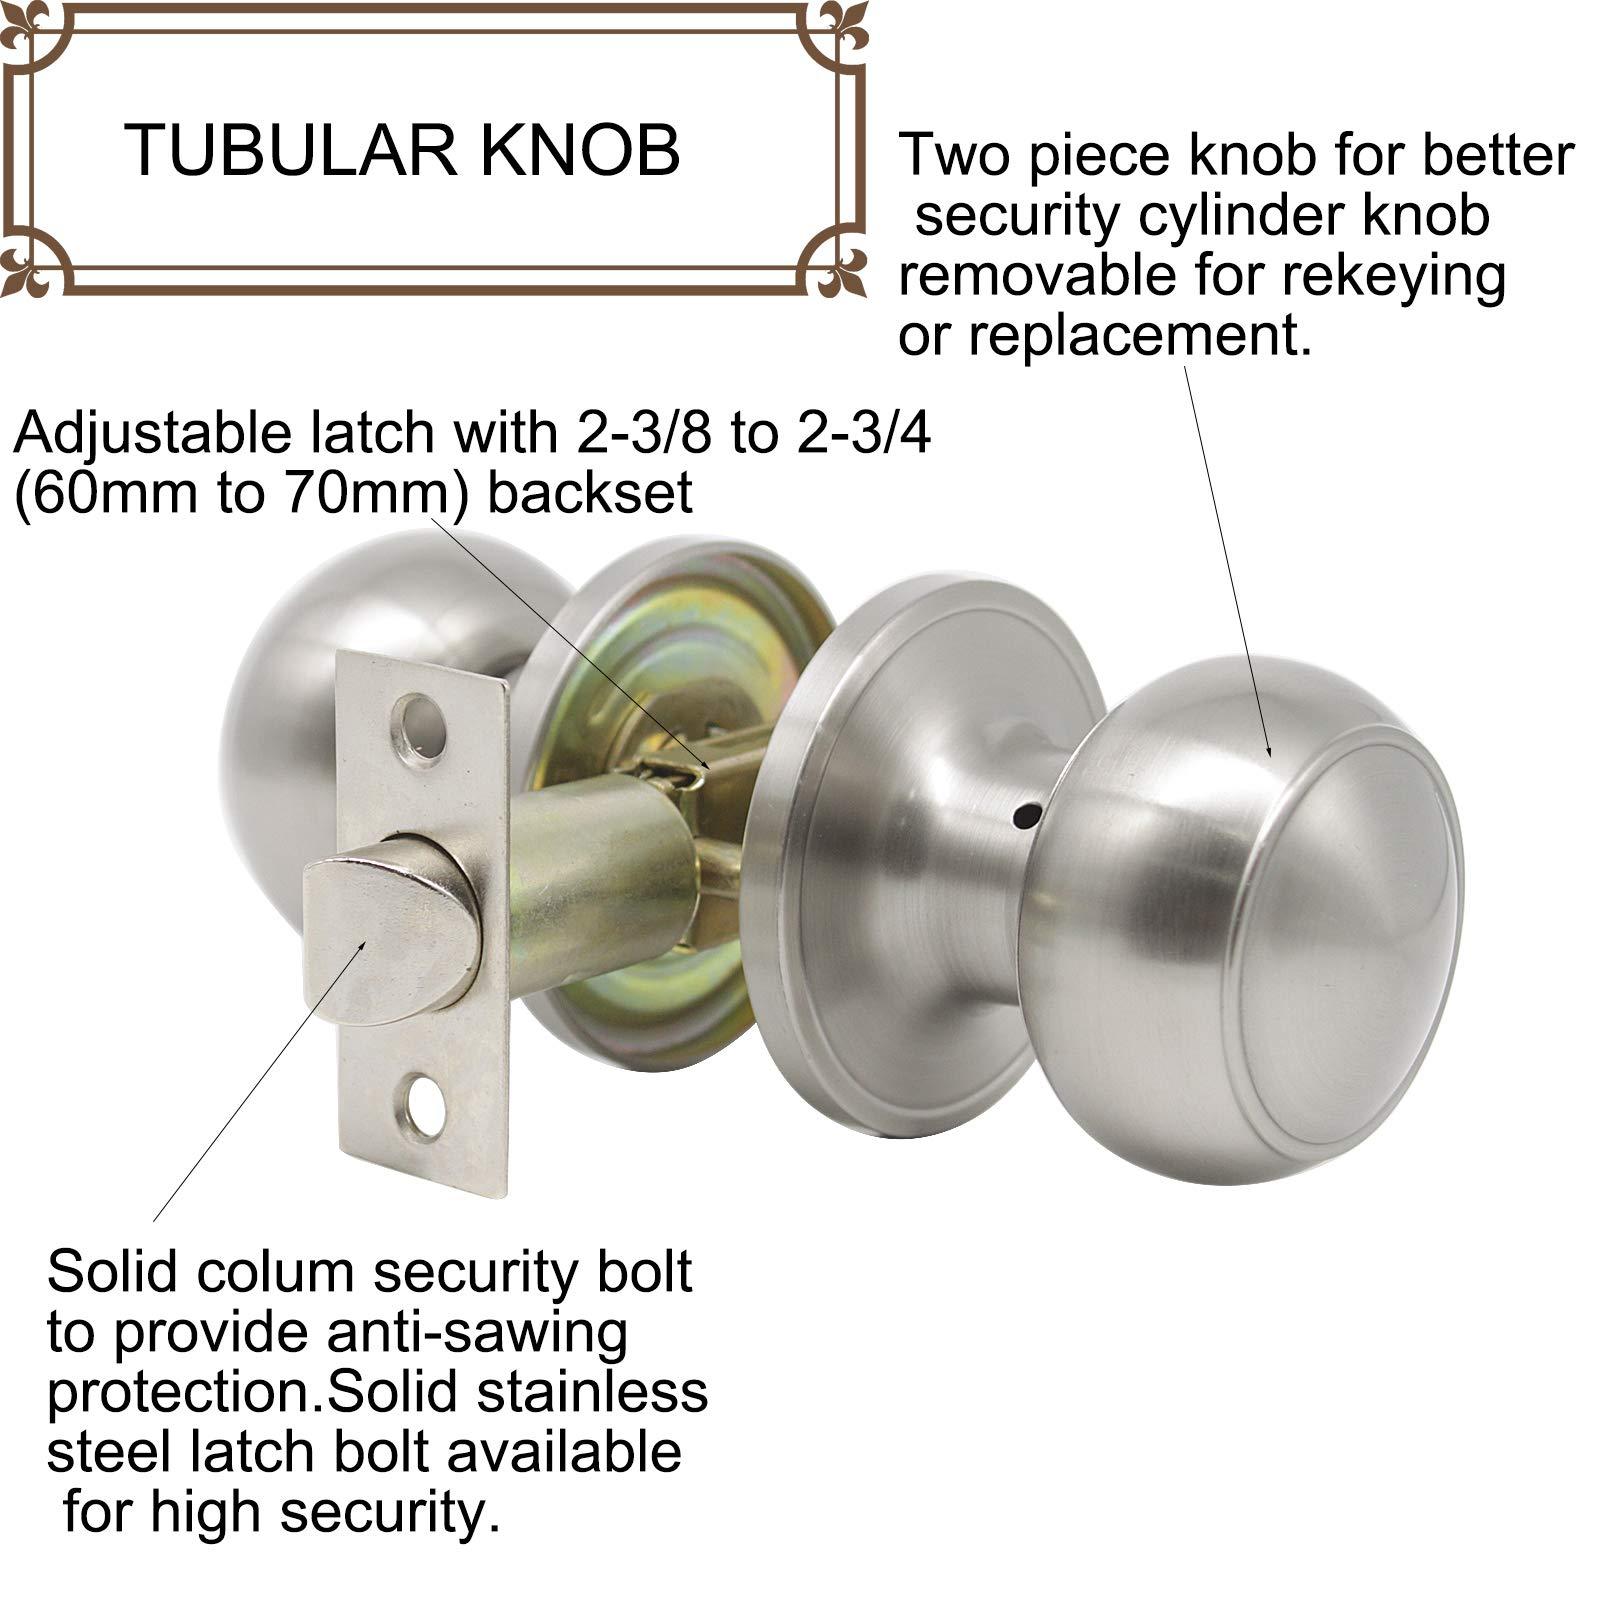 8 Pack Probrico Interior Passage Keyless Door Knobs Door Lock Handle Handleset Lockset Without Key Doorknobs Satin Nickel for Hall/Closet-Door Knob 609 by Probrico (Image #7)